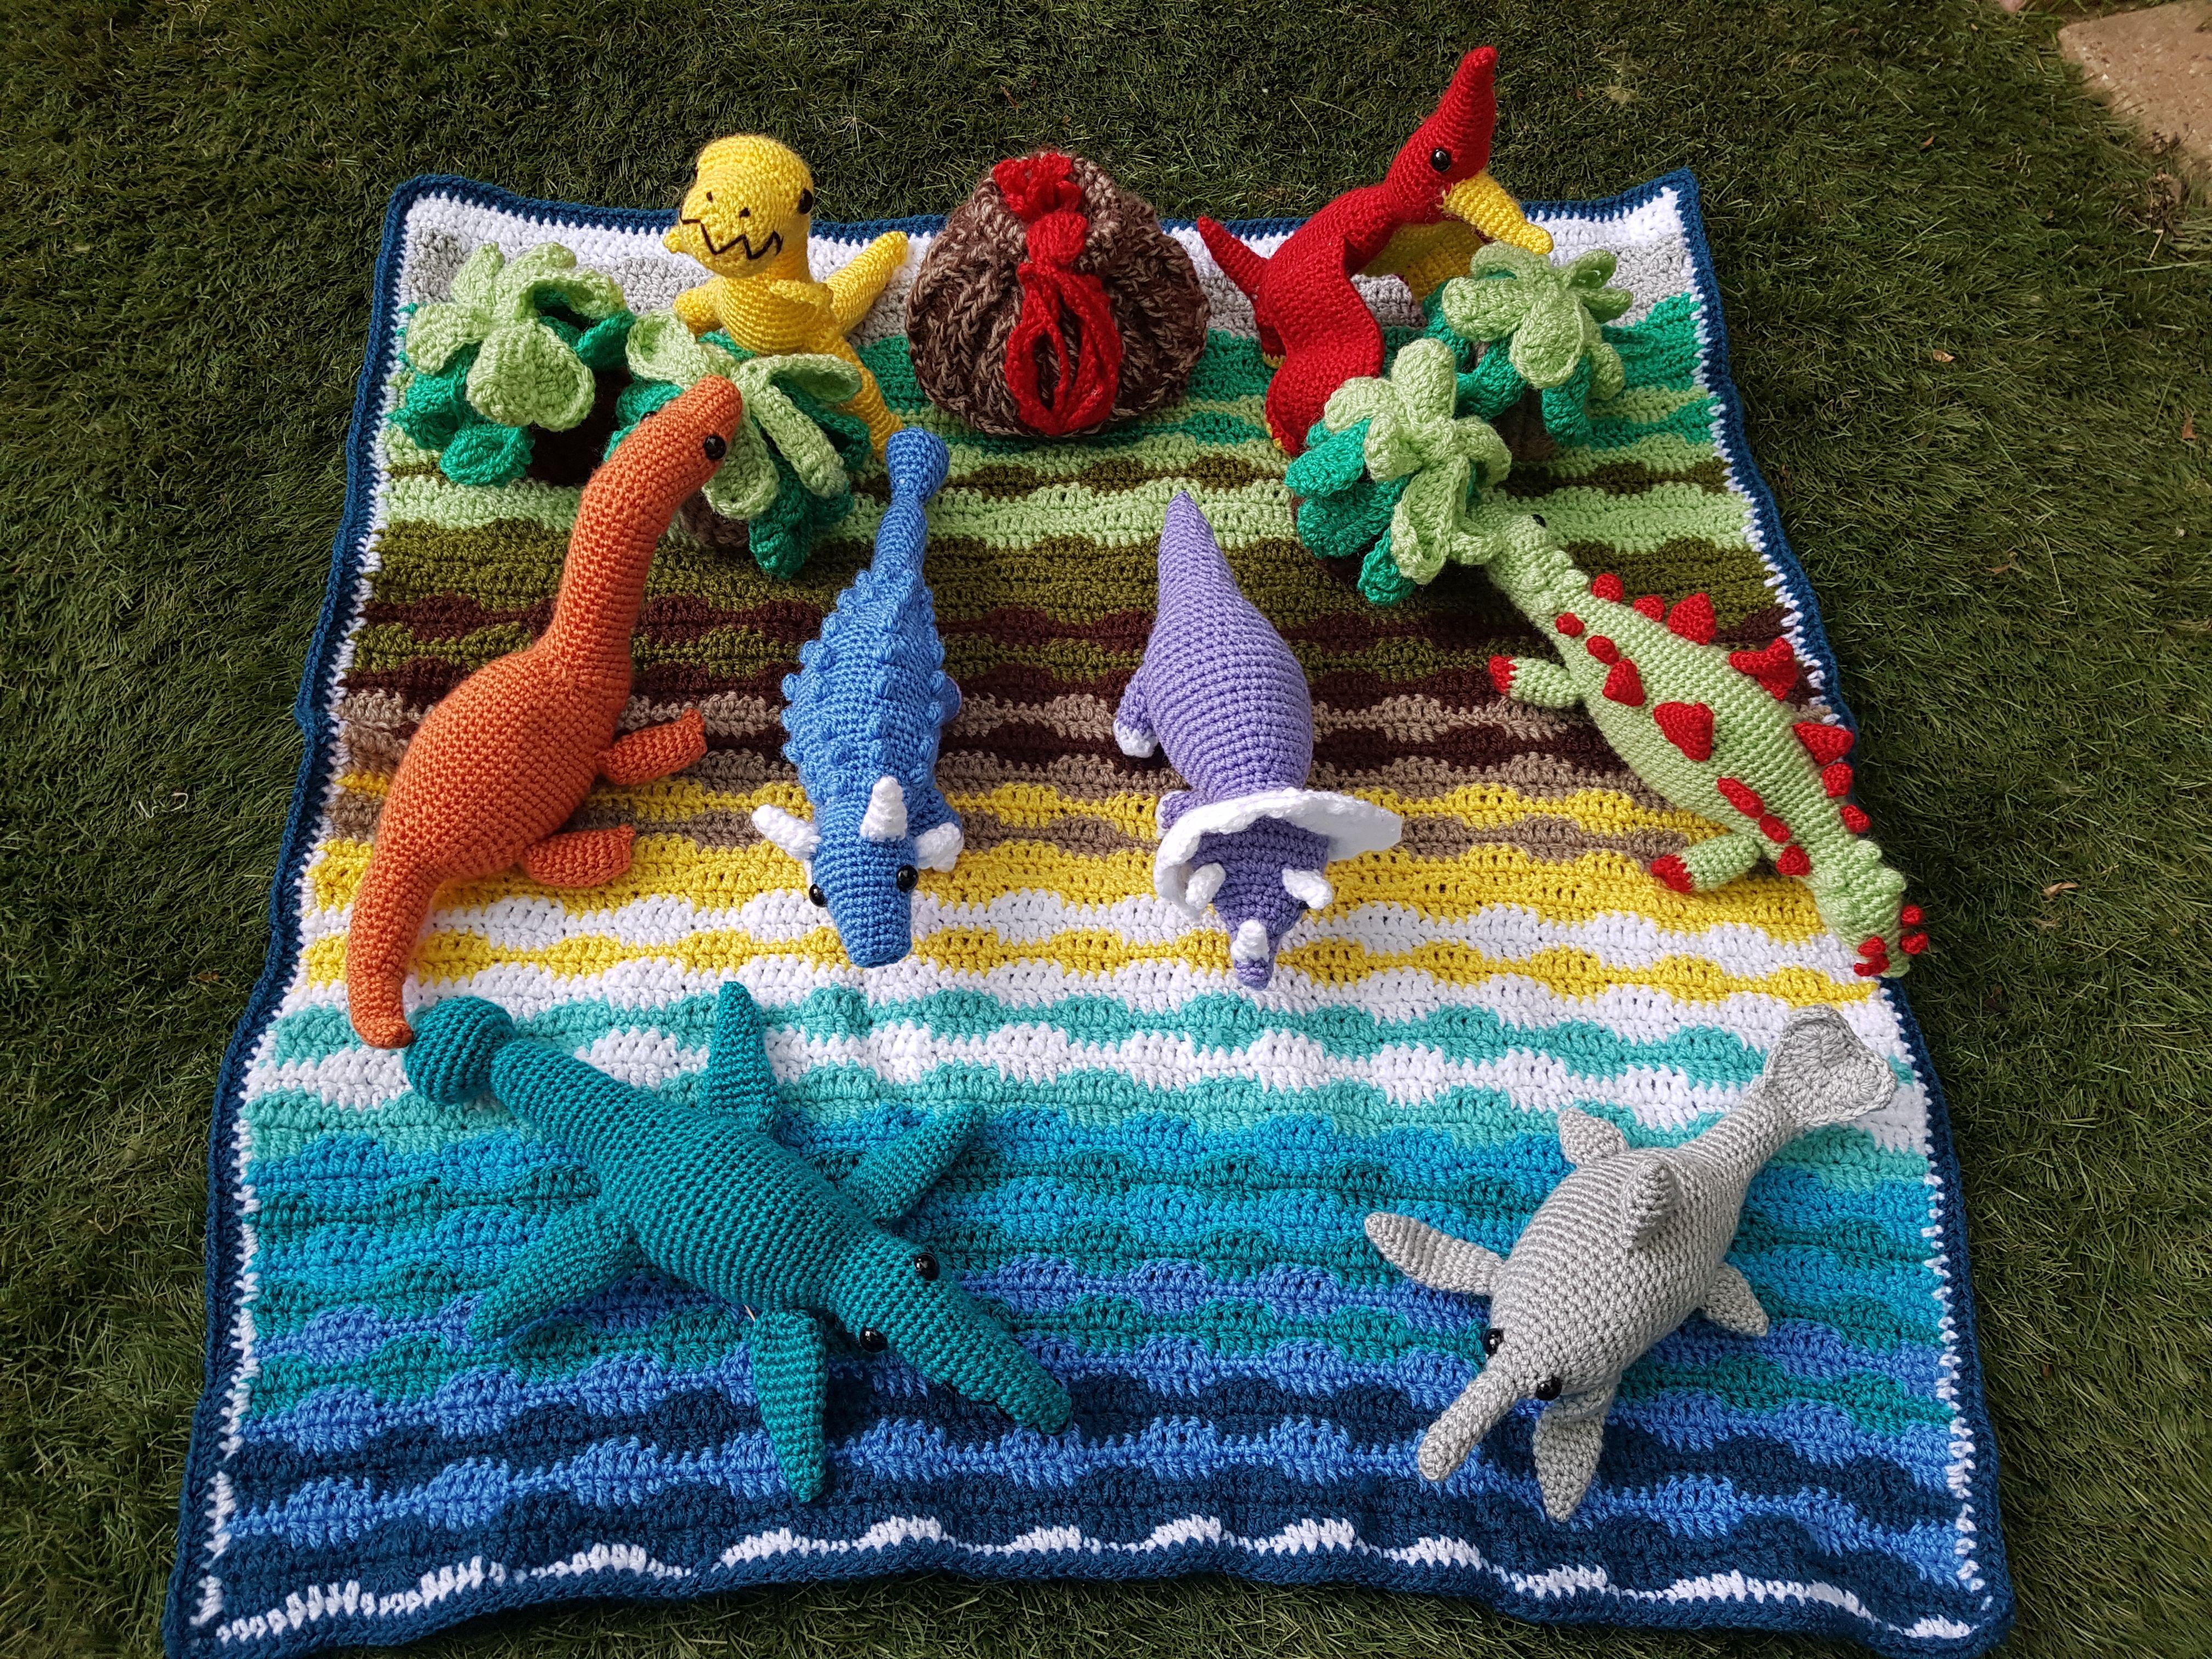 Dinosaur Playmat Crochet Dinosaur Crochet Game Cozy Crochet Patterns